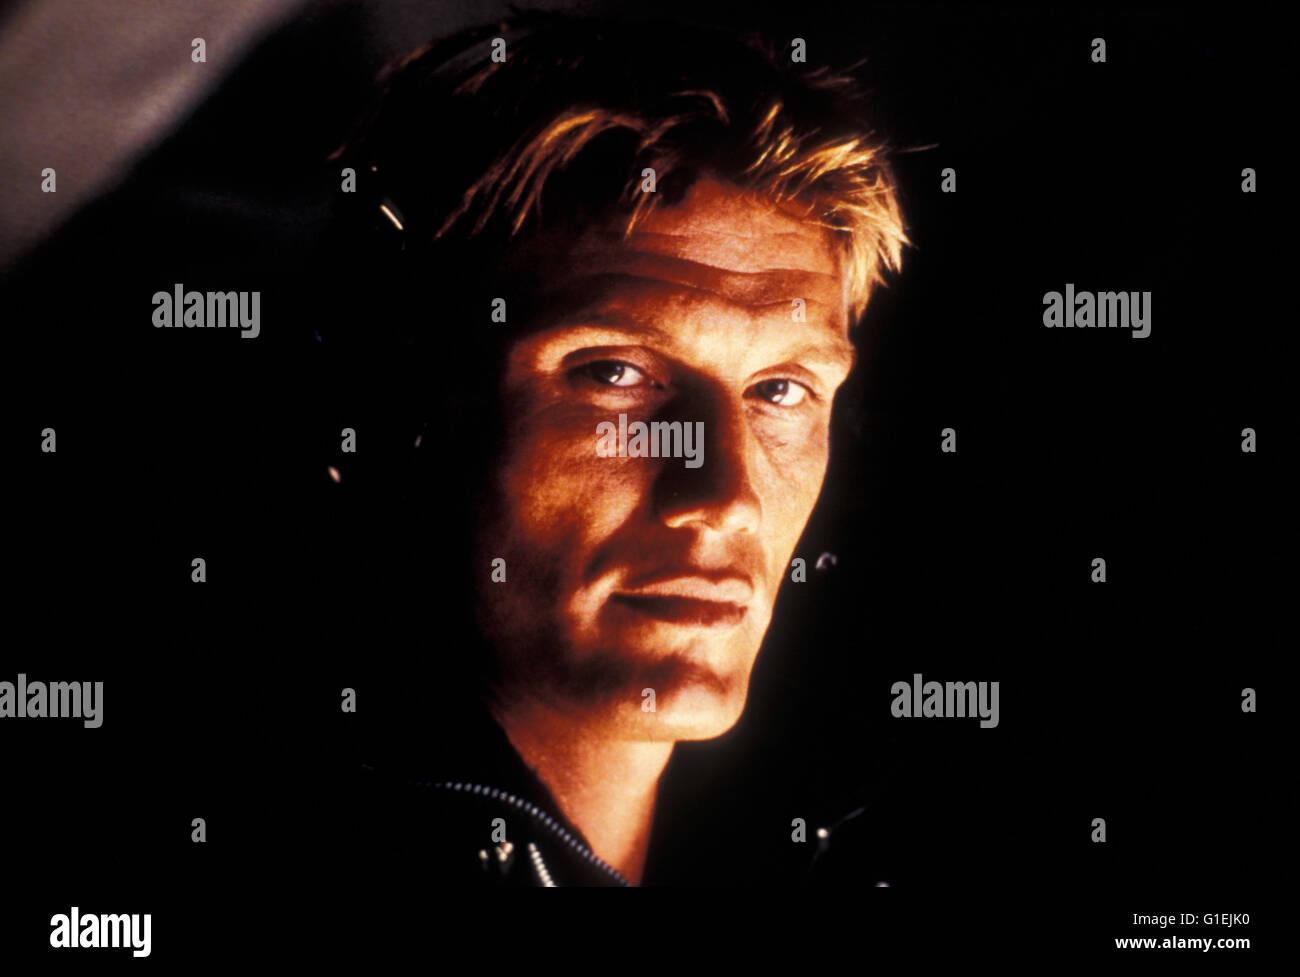 Silent Trigger / Dolph Lundgren - Stock Image